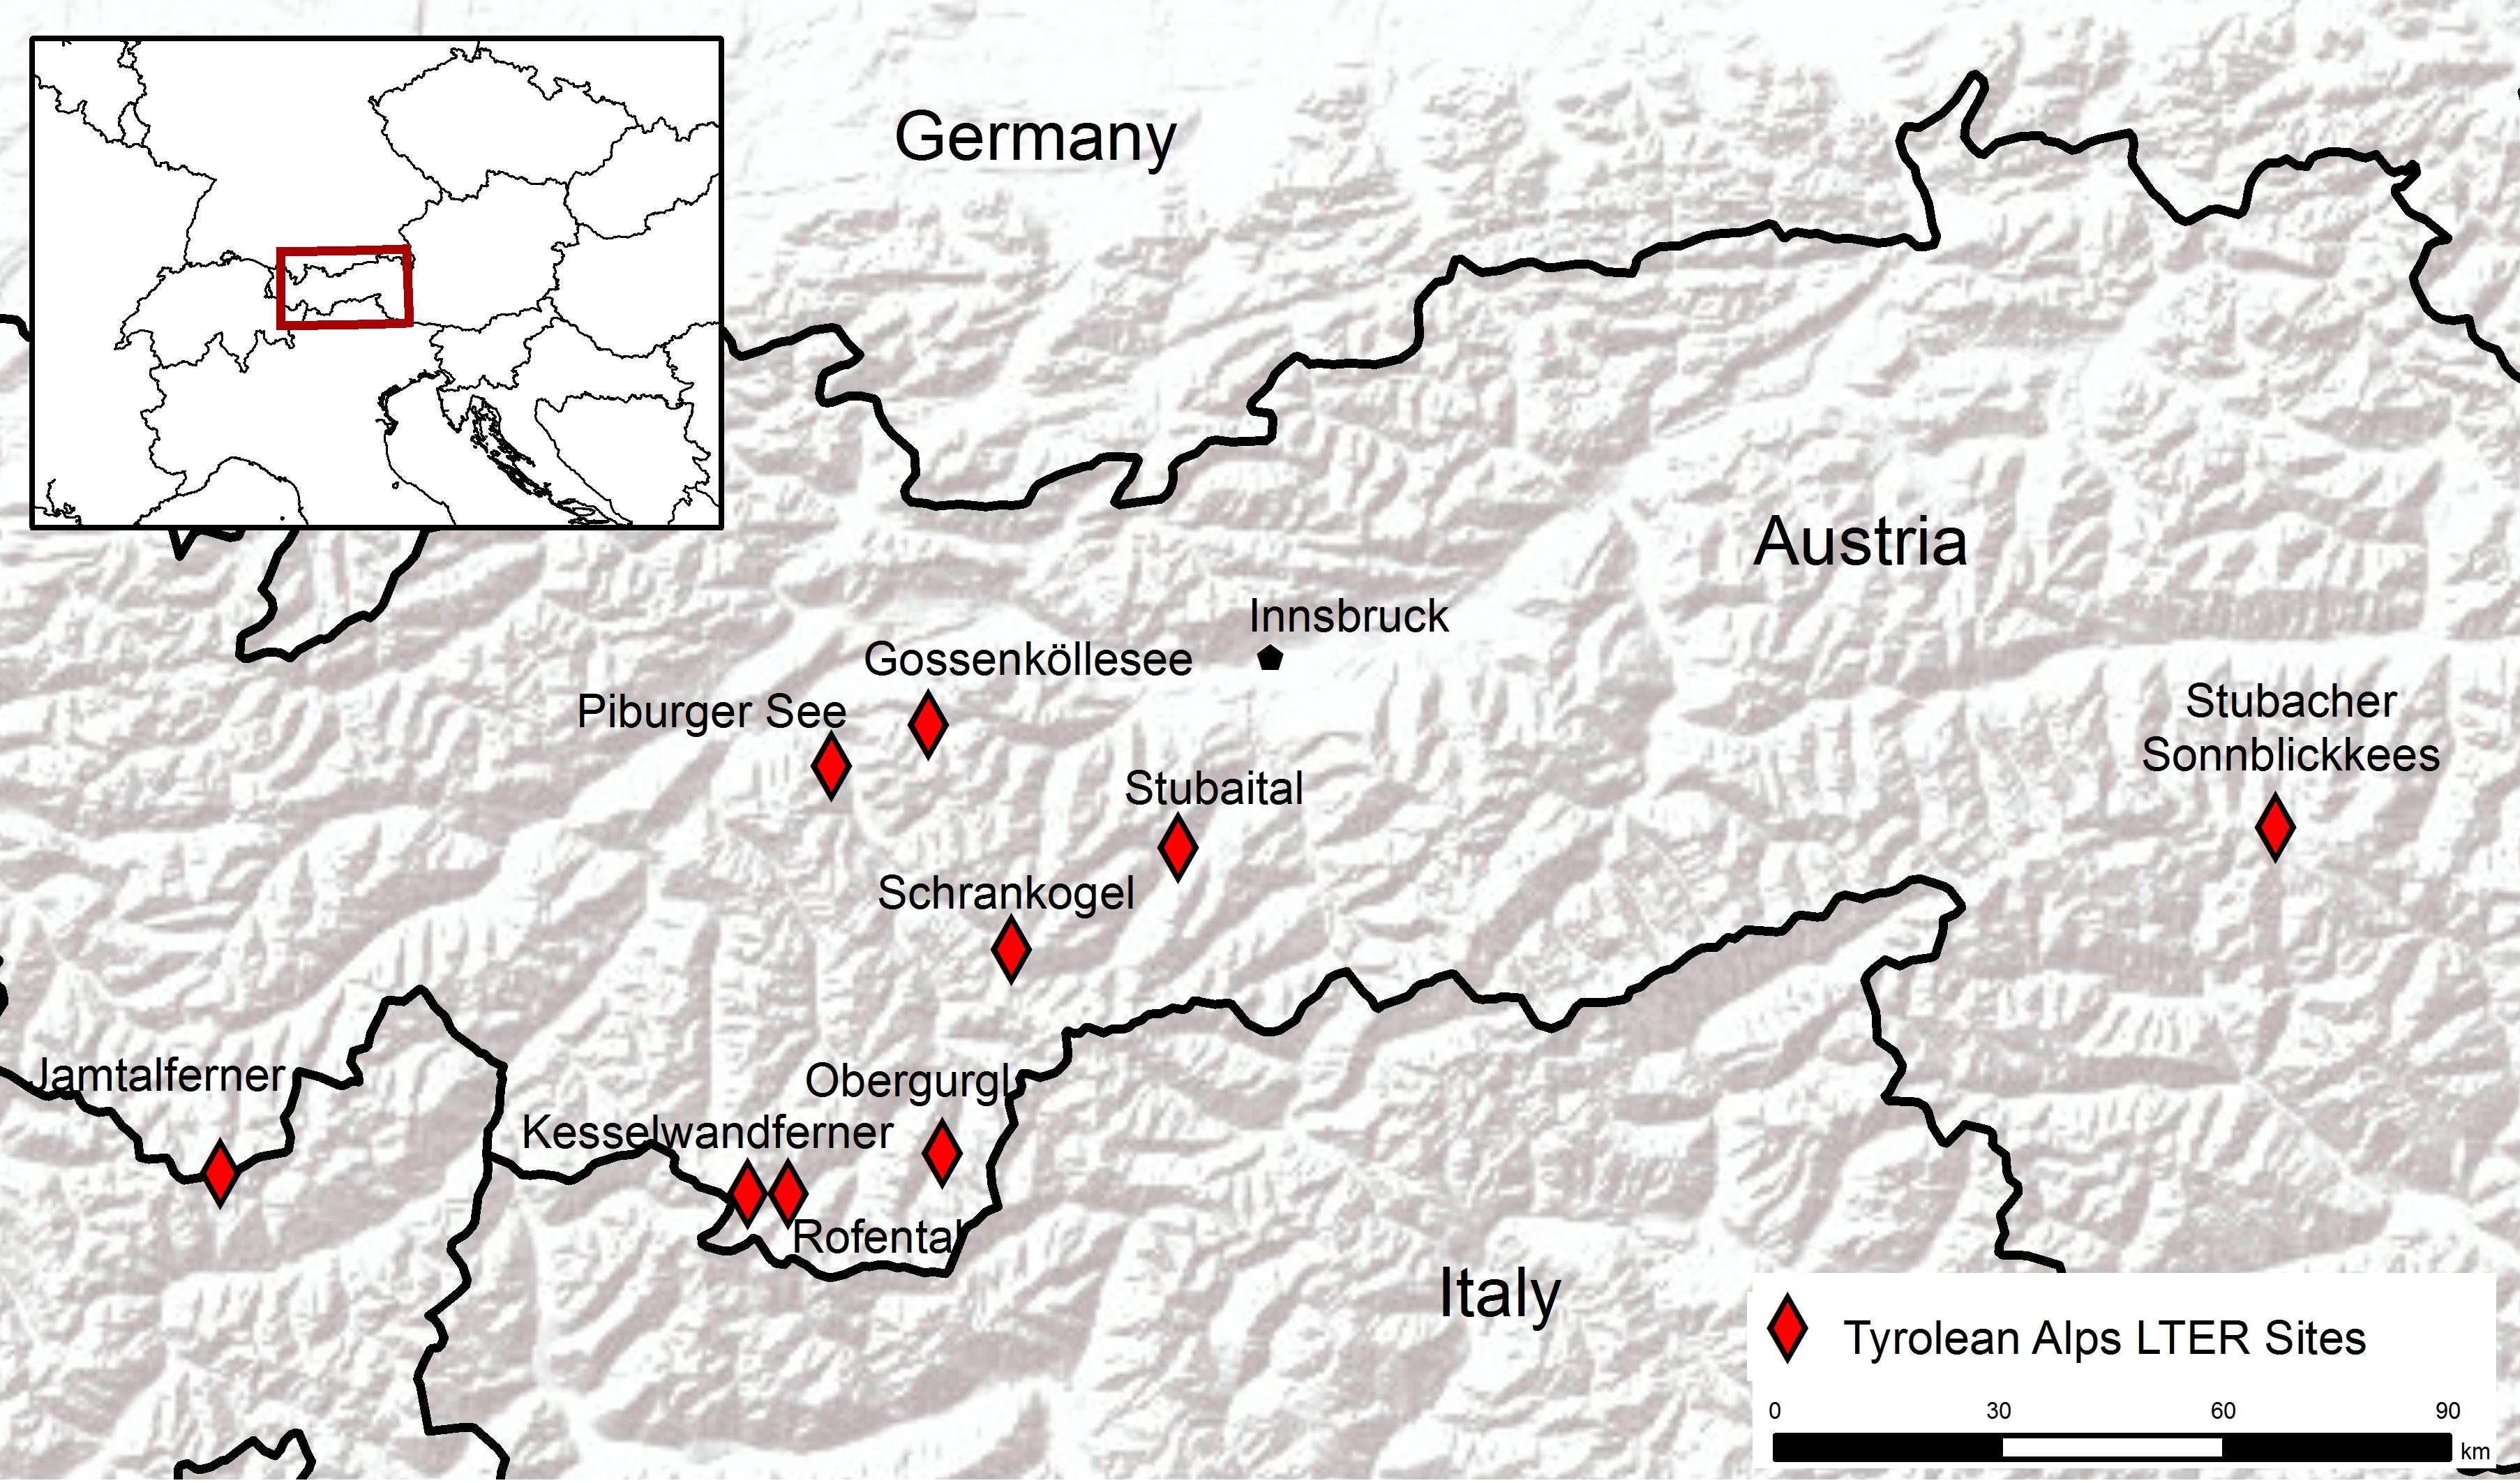 LTSER Plattform Tyrolean Alps (TA) | LTER Austria